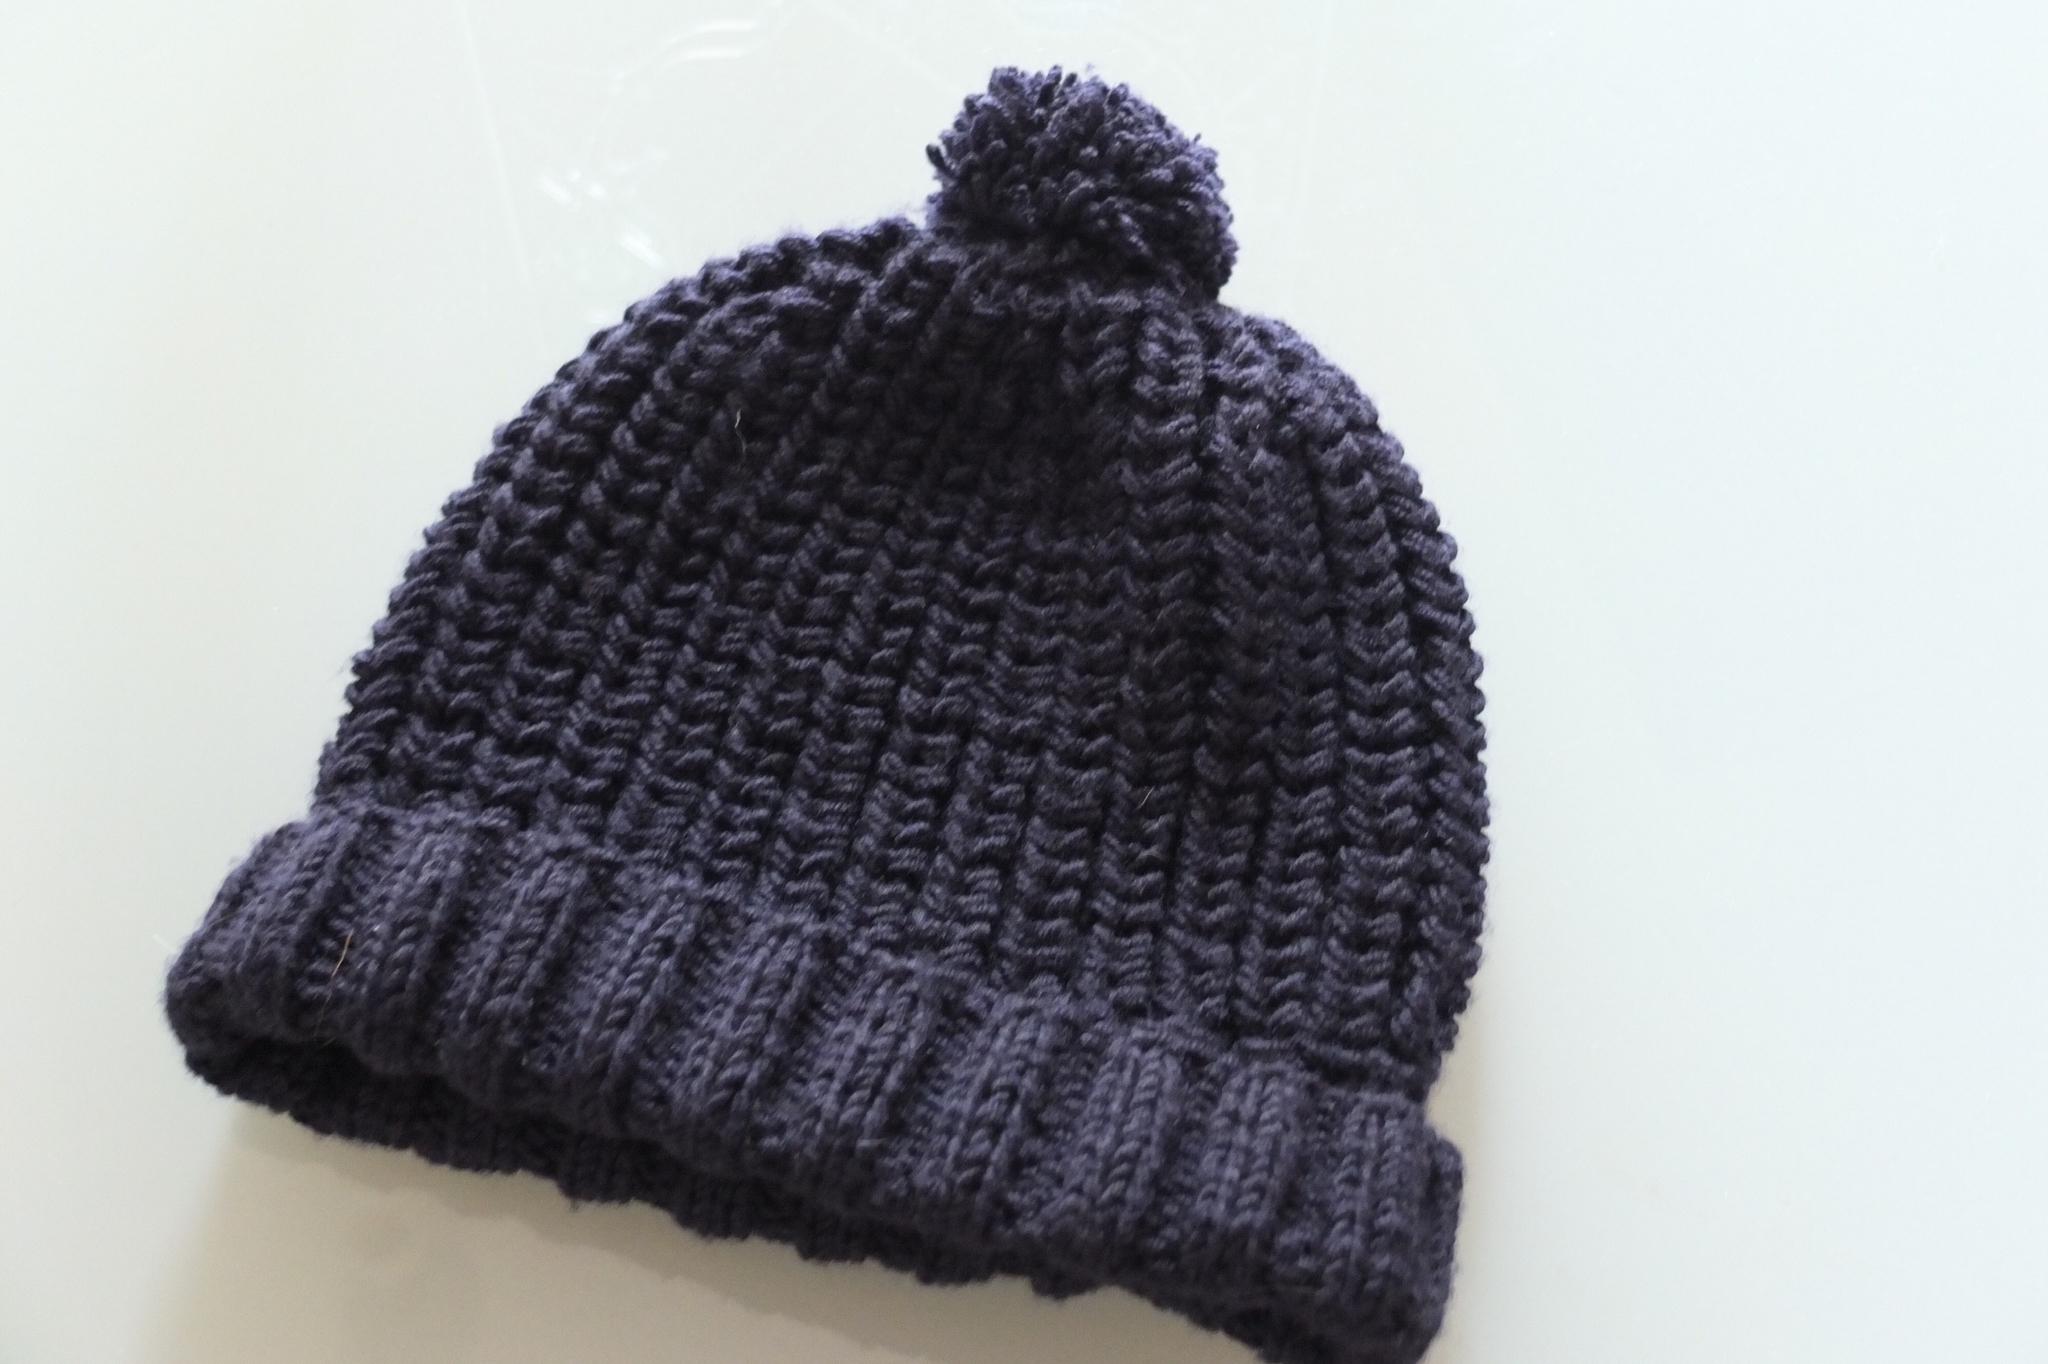 7c20c694af47 Tuto tricot bonnet femme simple - Idées de tricot gratuit